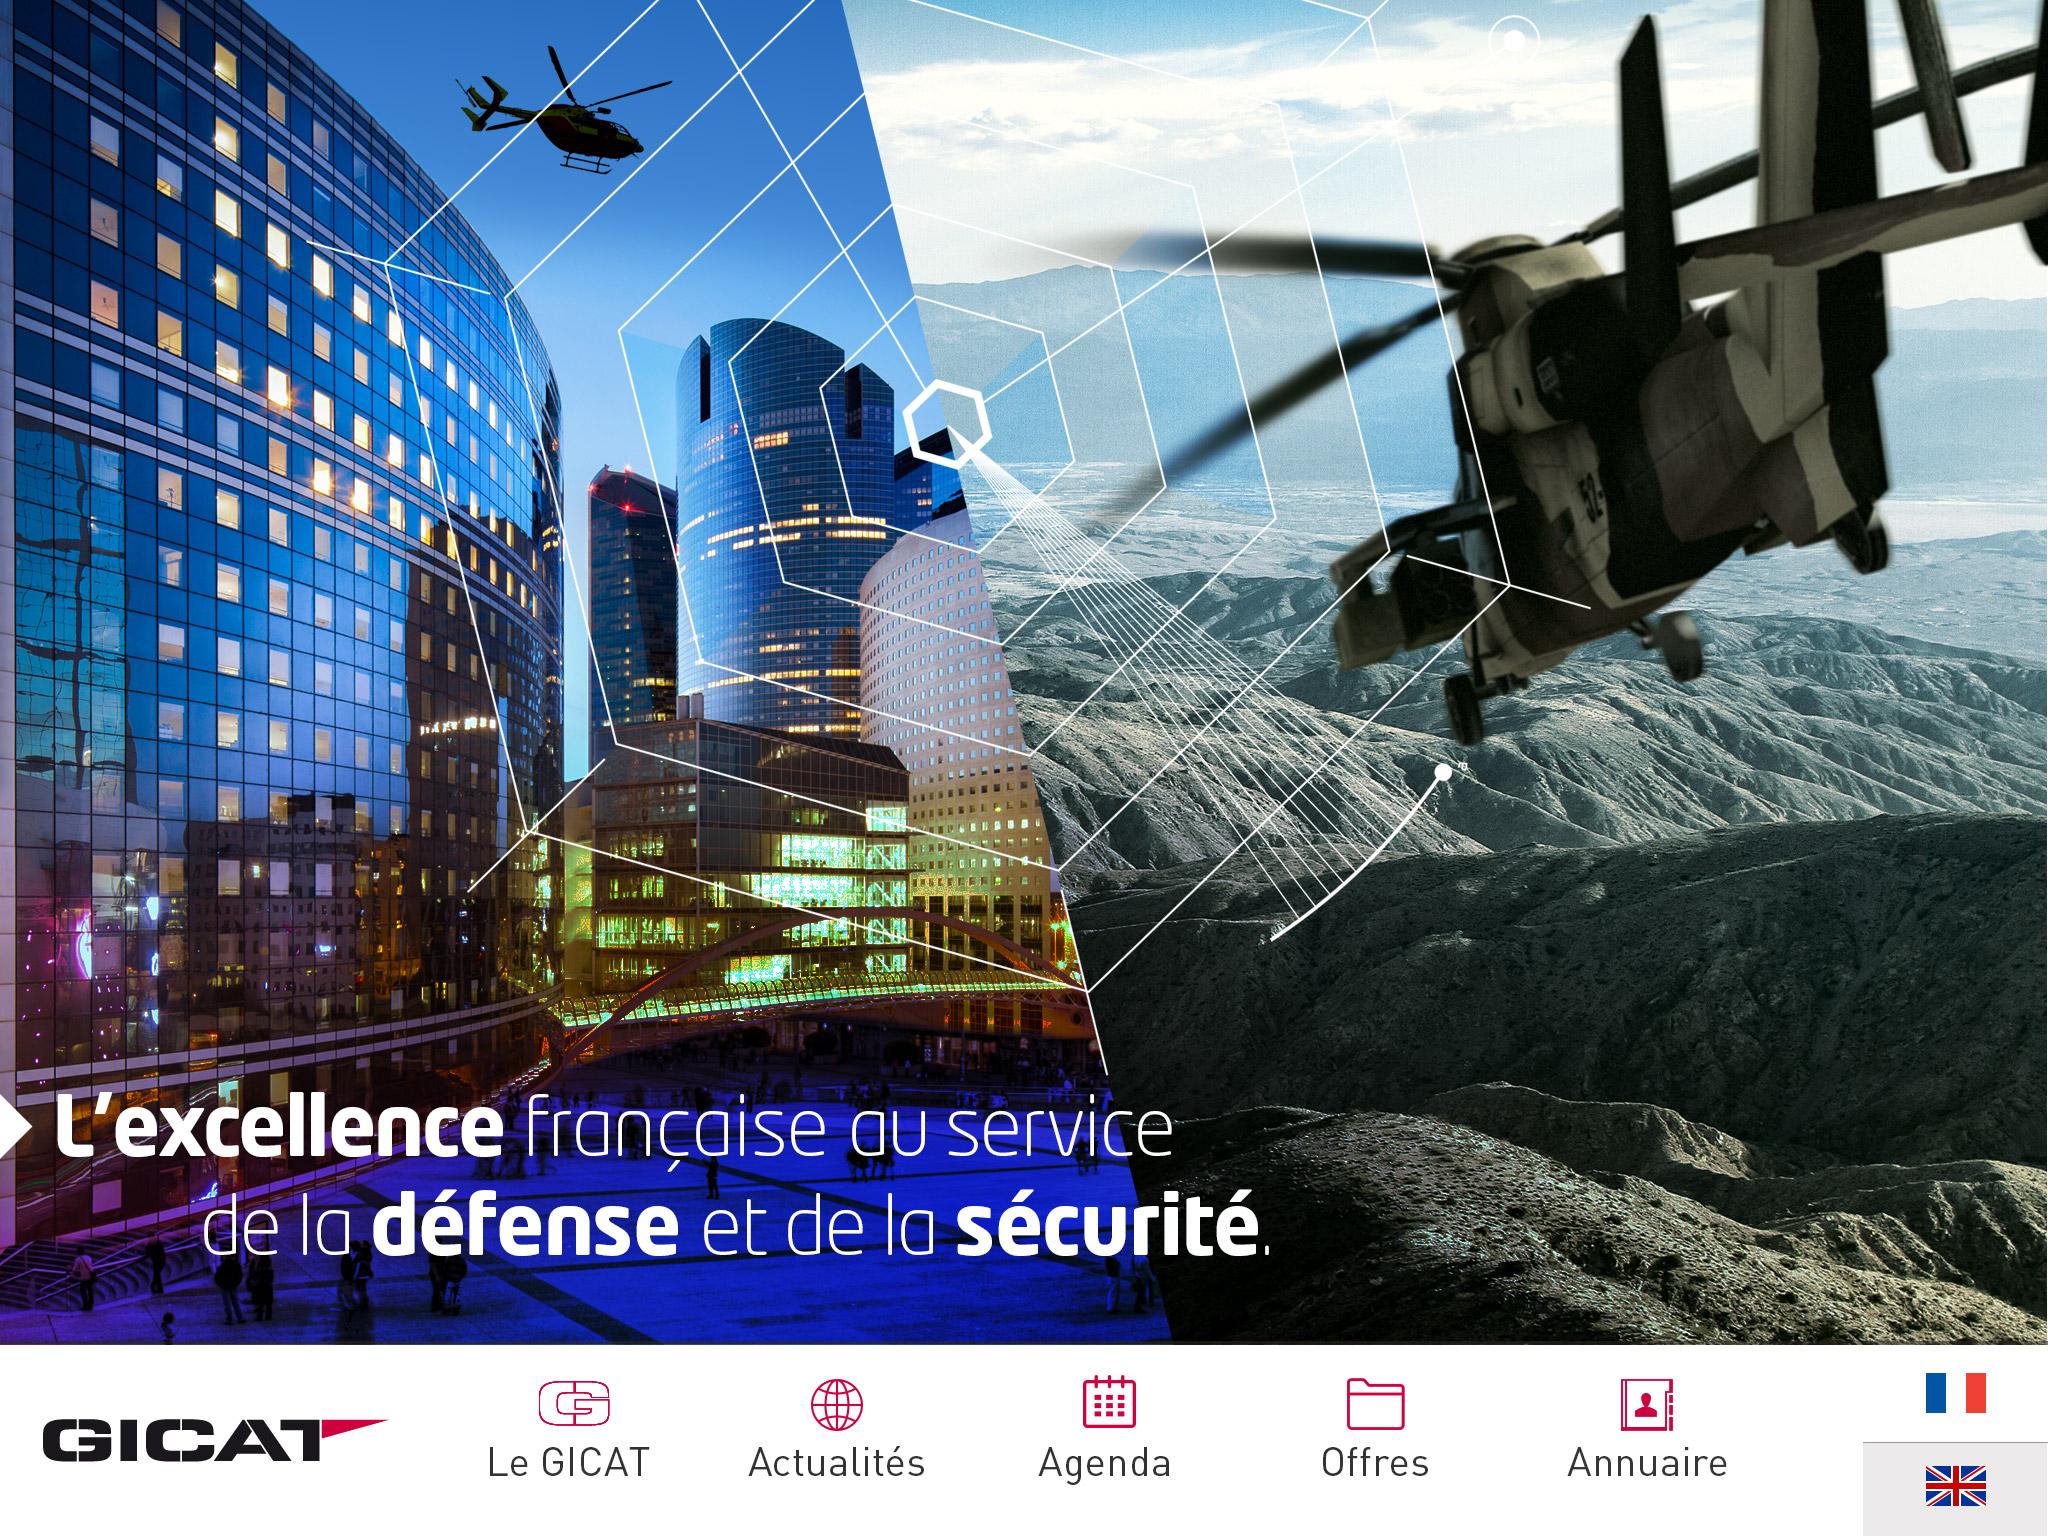 Application iPad iPhone Gicat Groupement des Industries Françaises de Défense Terrestre et Aéroterrestre